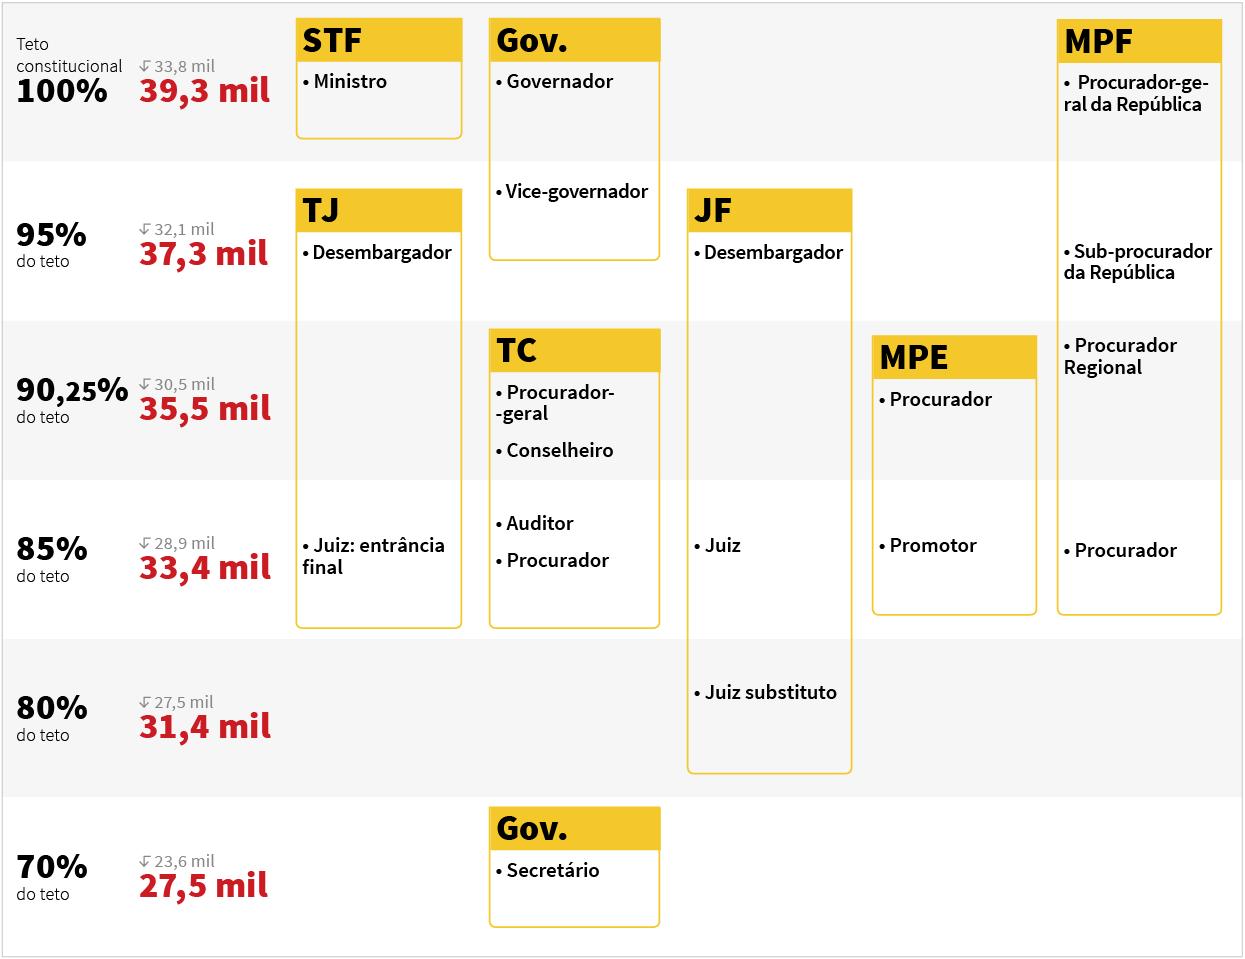 Diagrama explicando o efeito cascata decorrente do aumento de salário dos ministros do STF, que determinam o teto constitucional.